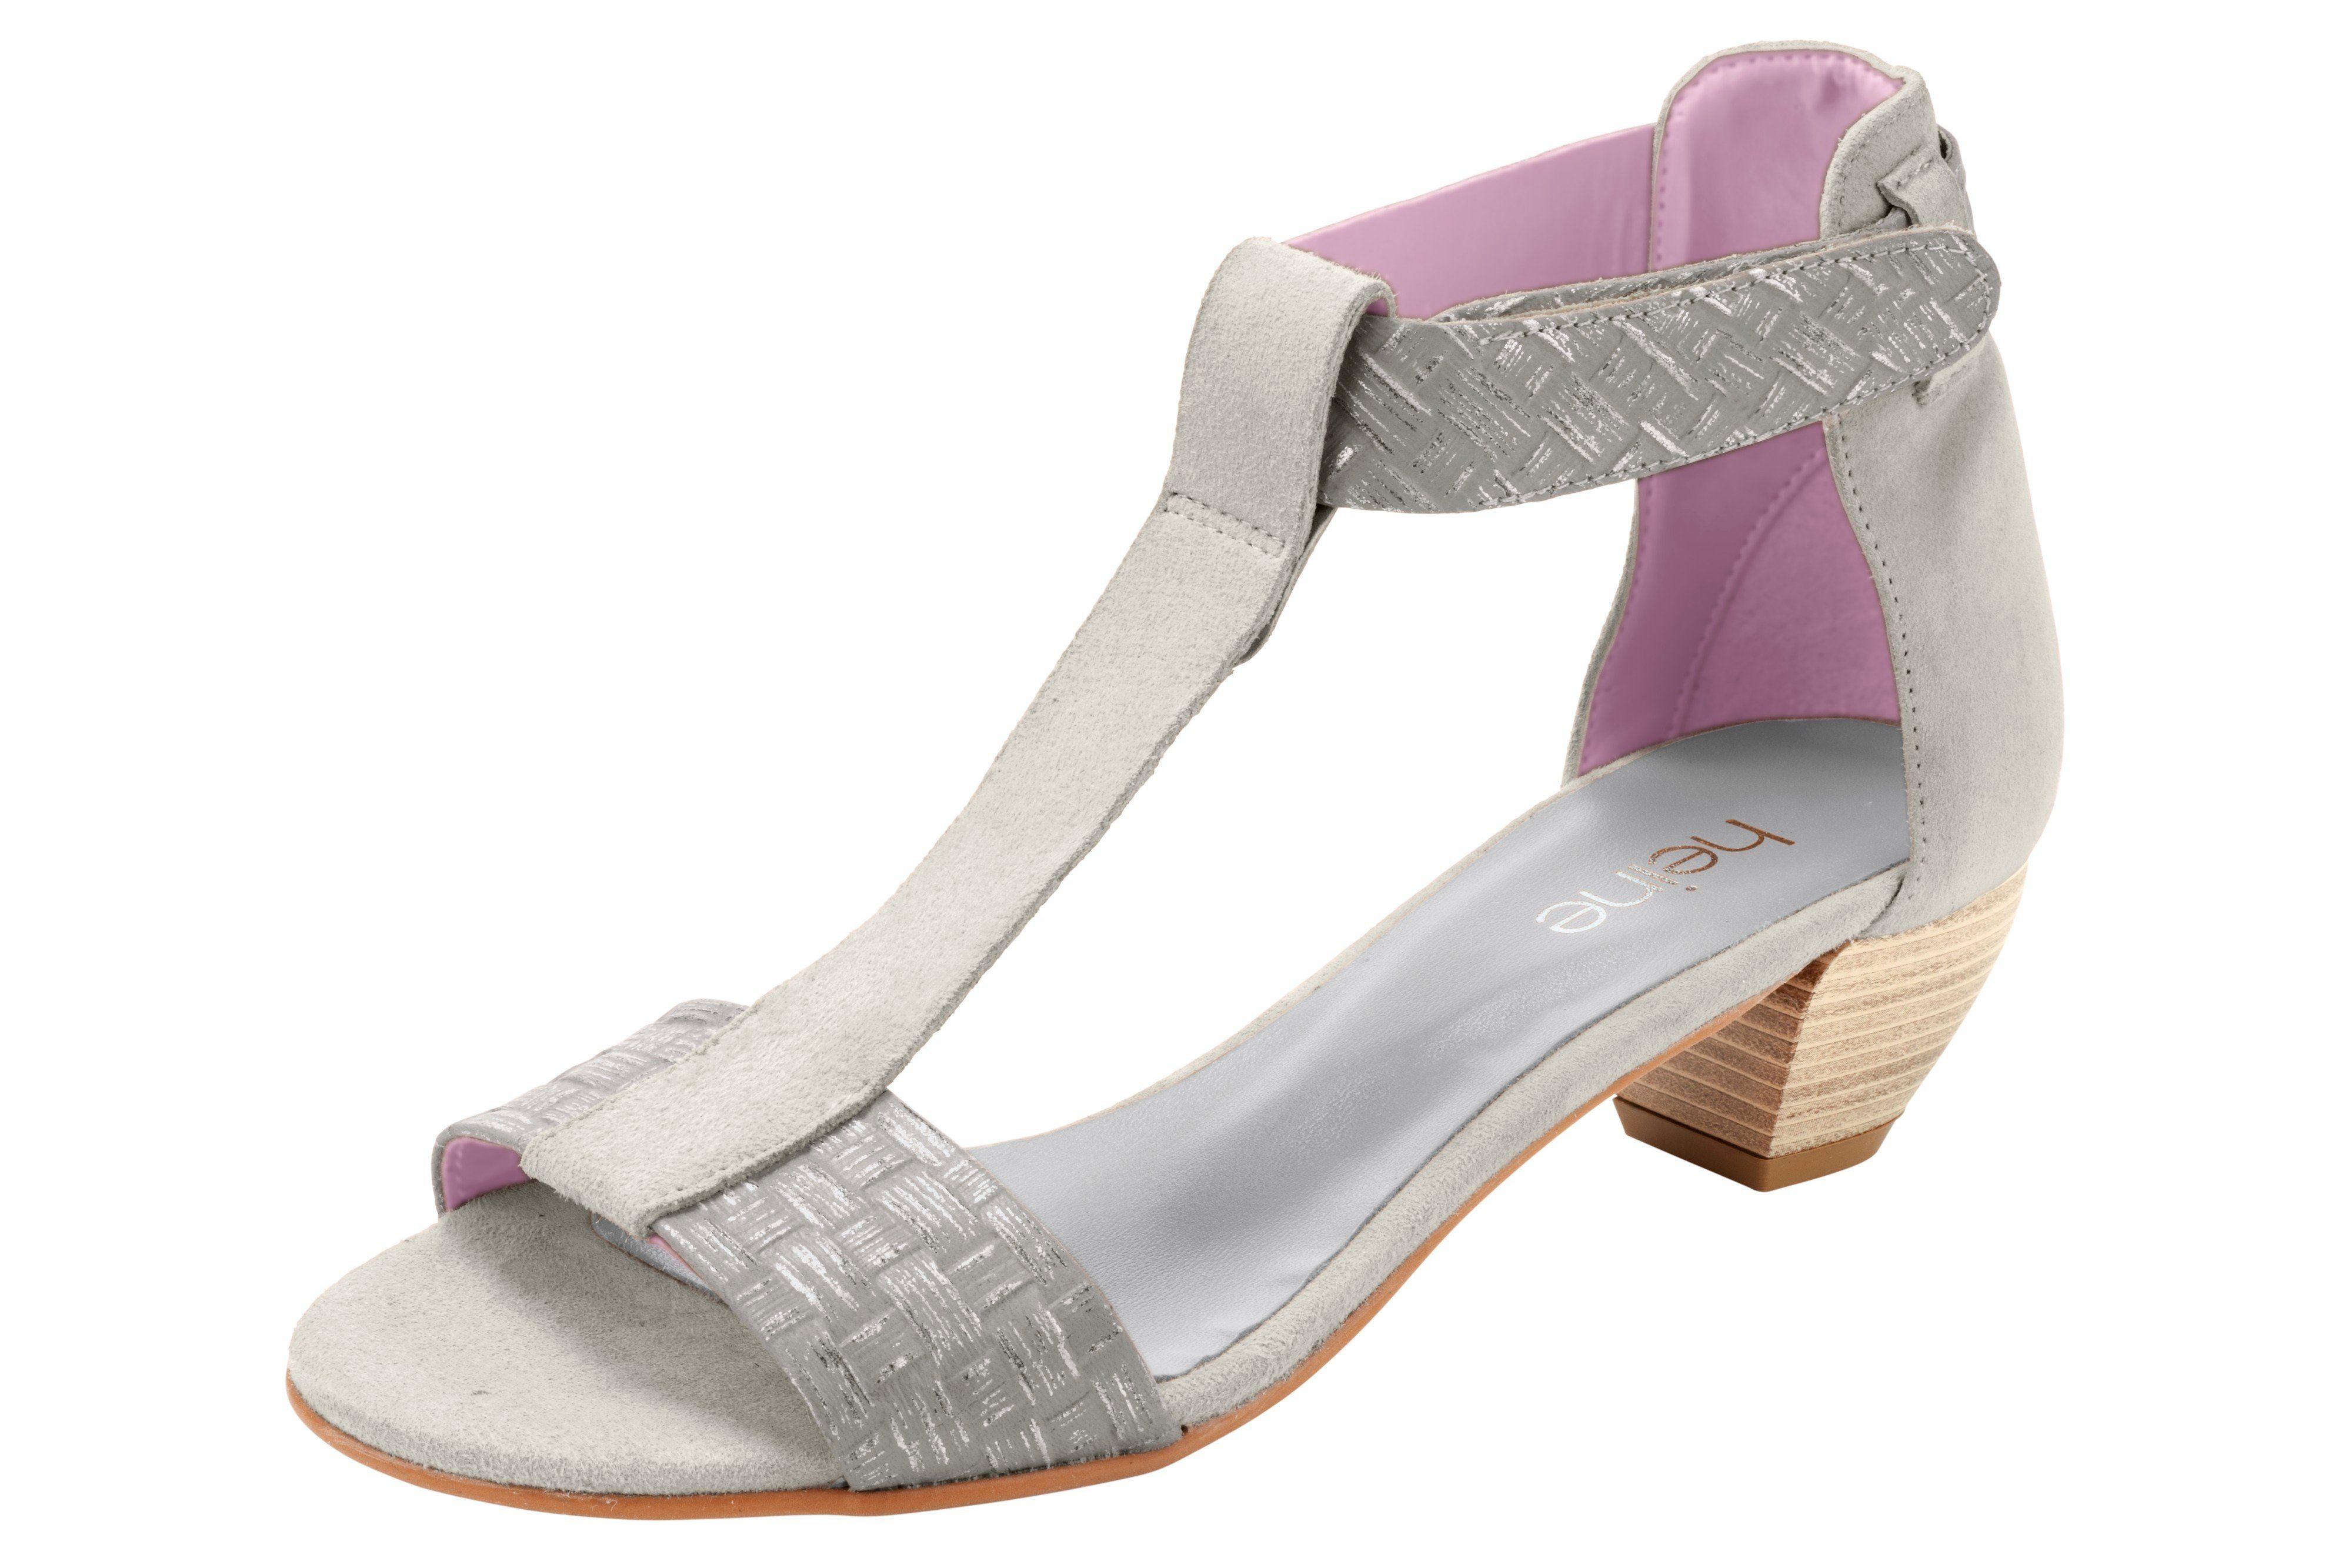 Heine Sandalette Sandalette Heine online kaufen  grau 2e4c31